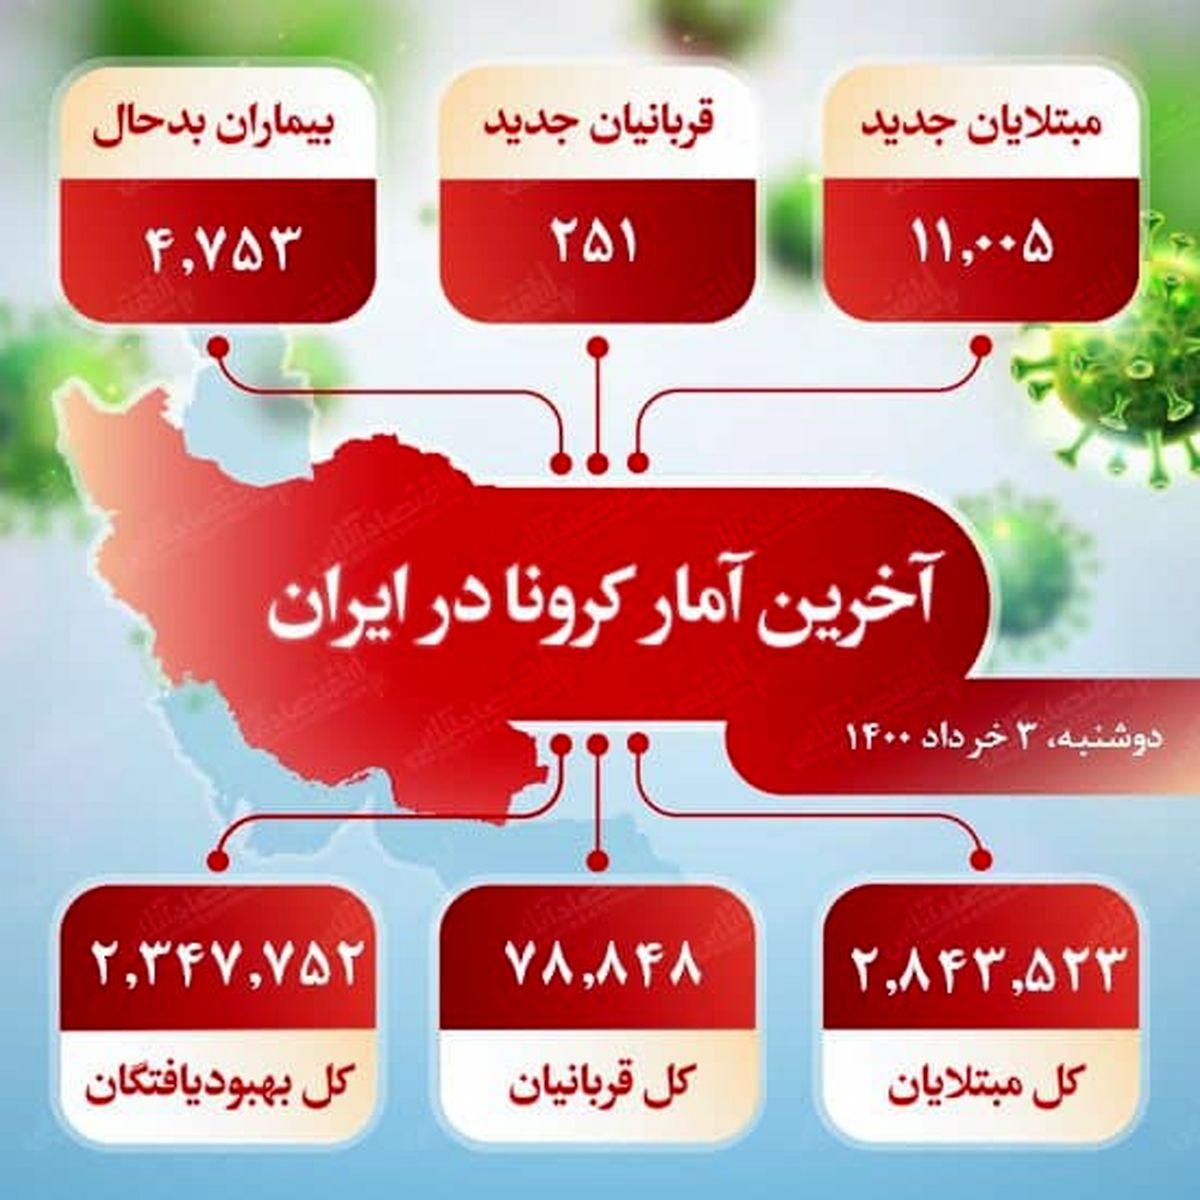 آخرین آمار کرونا در ایران (۱۴۰۰/۳/۳)